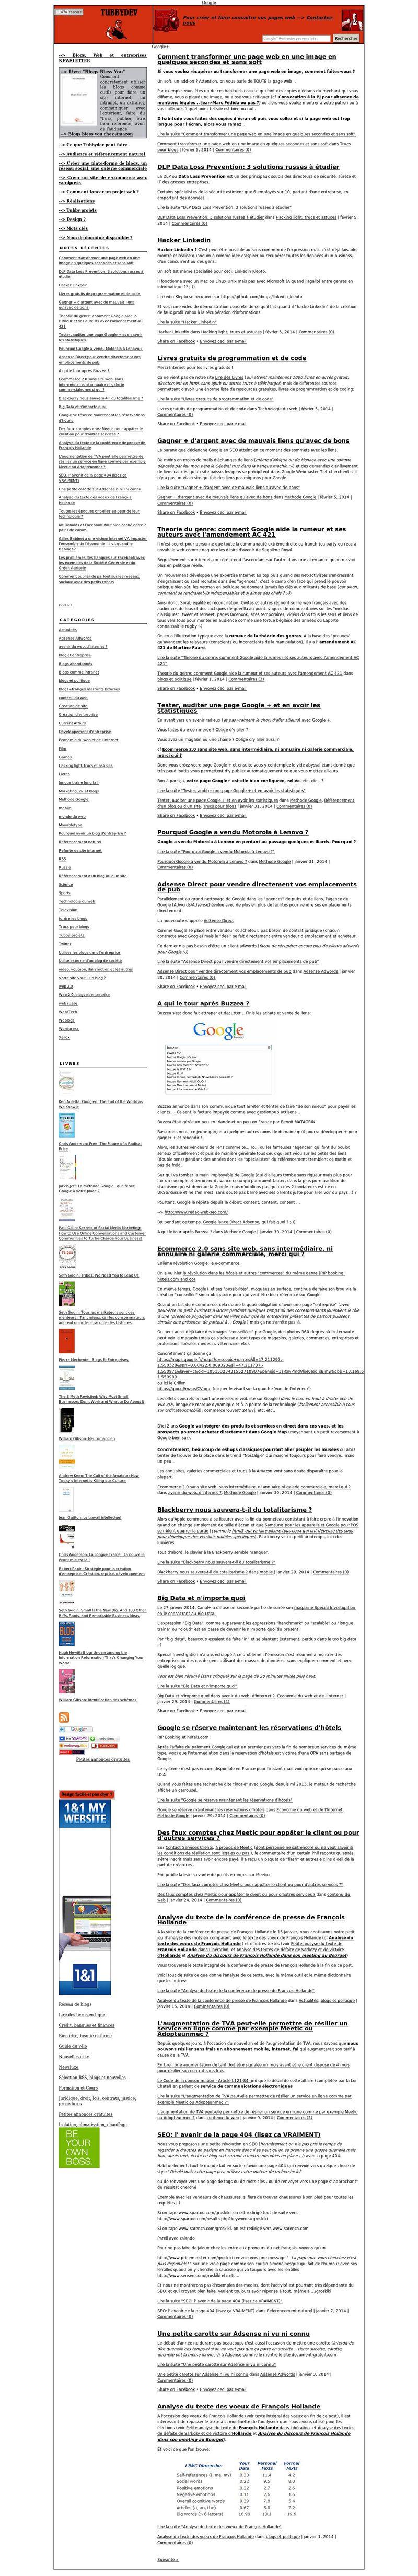 Capture page web